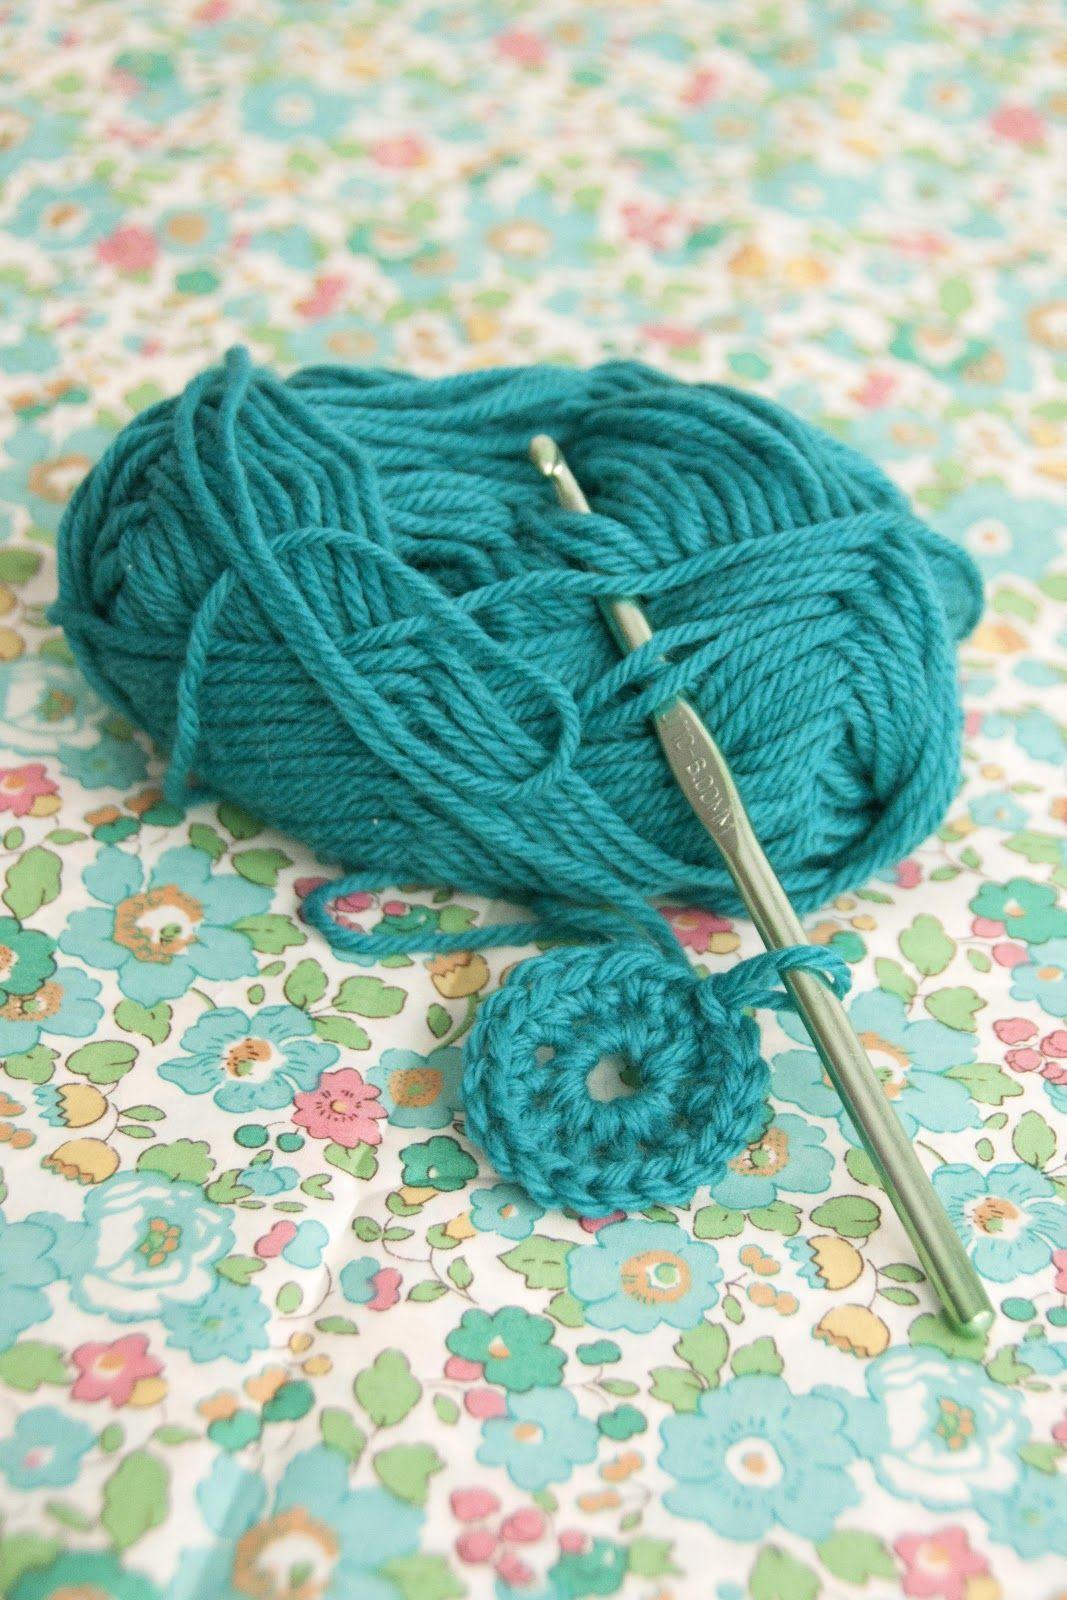 Some Good Tips On Basic Crochet Good For Beginners Haken